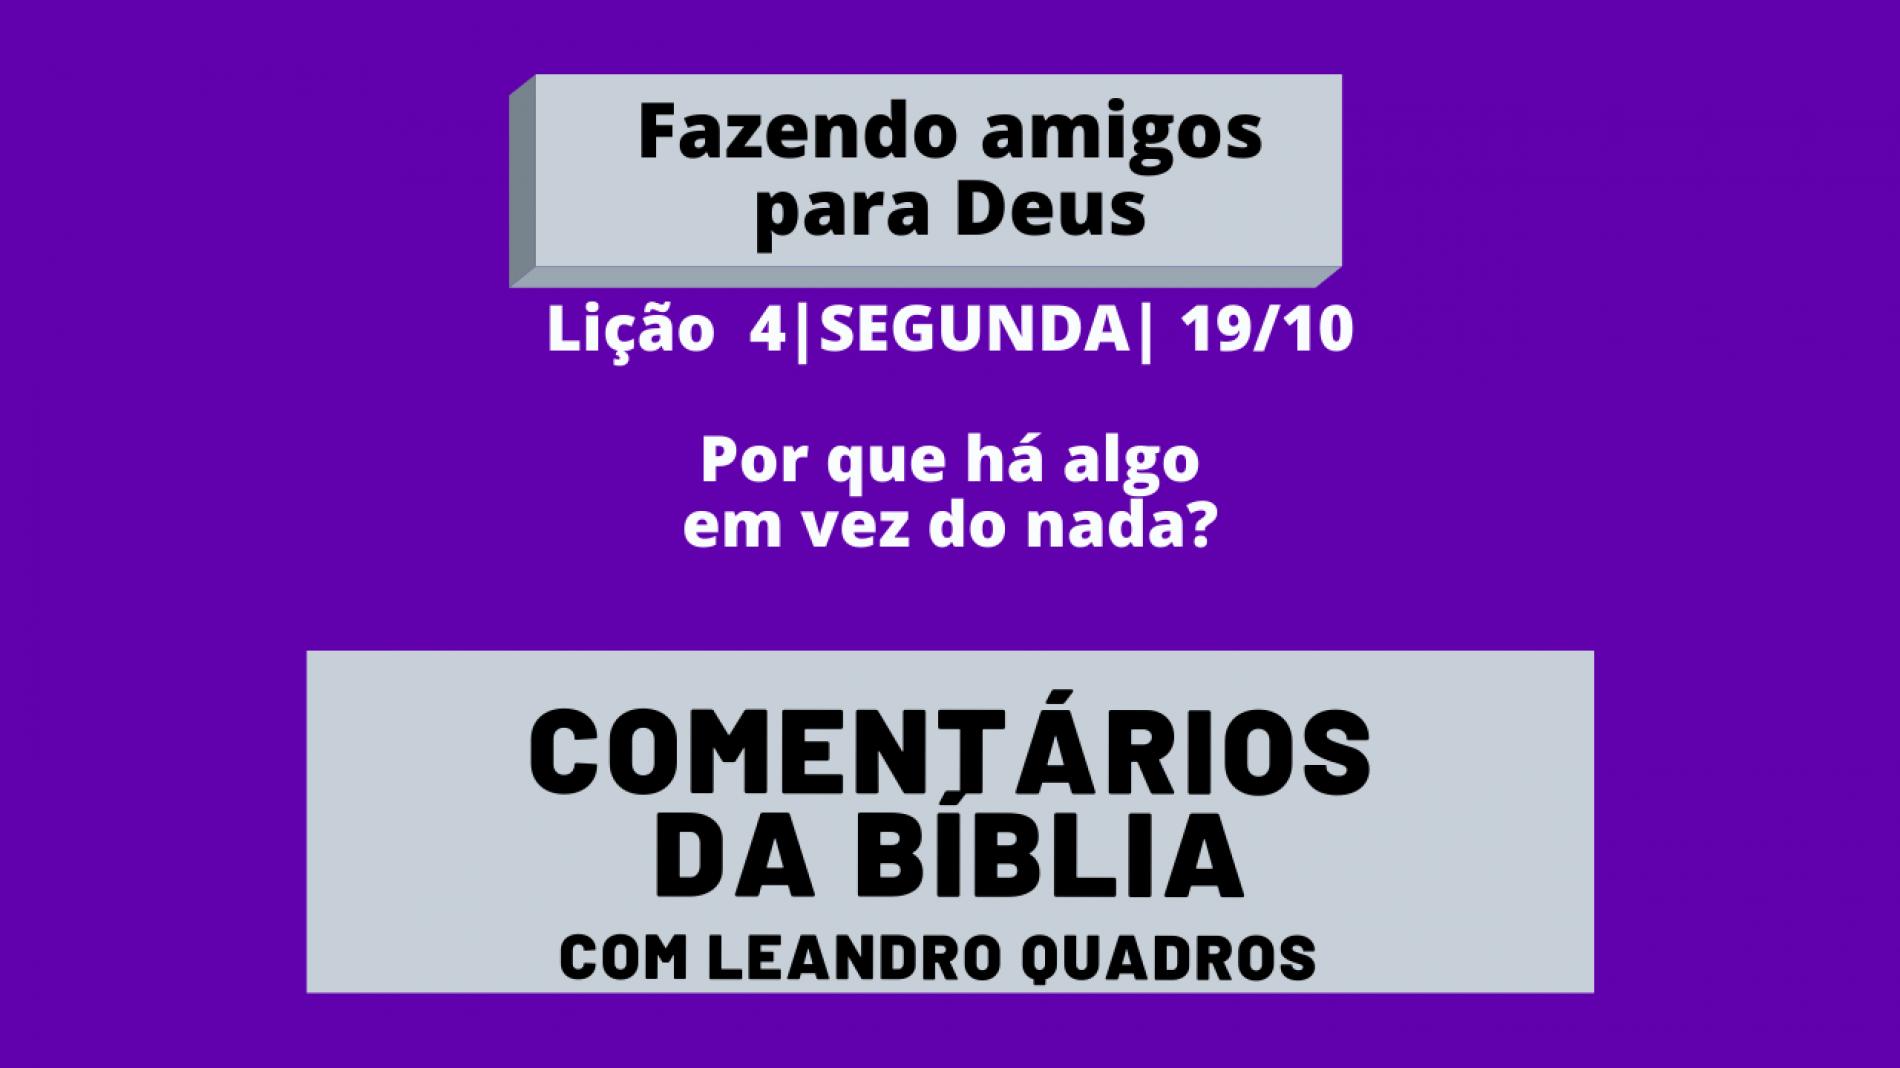 Segunda |19/10| Por que há algo em vez do nada? – Lição 4 – Leandro Quadros